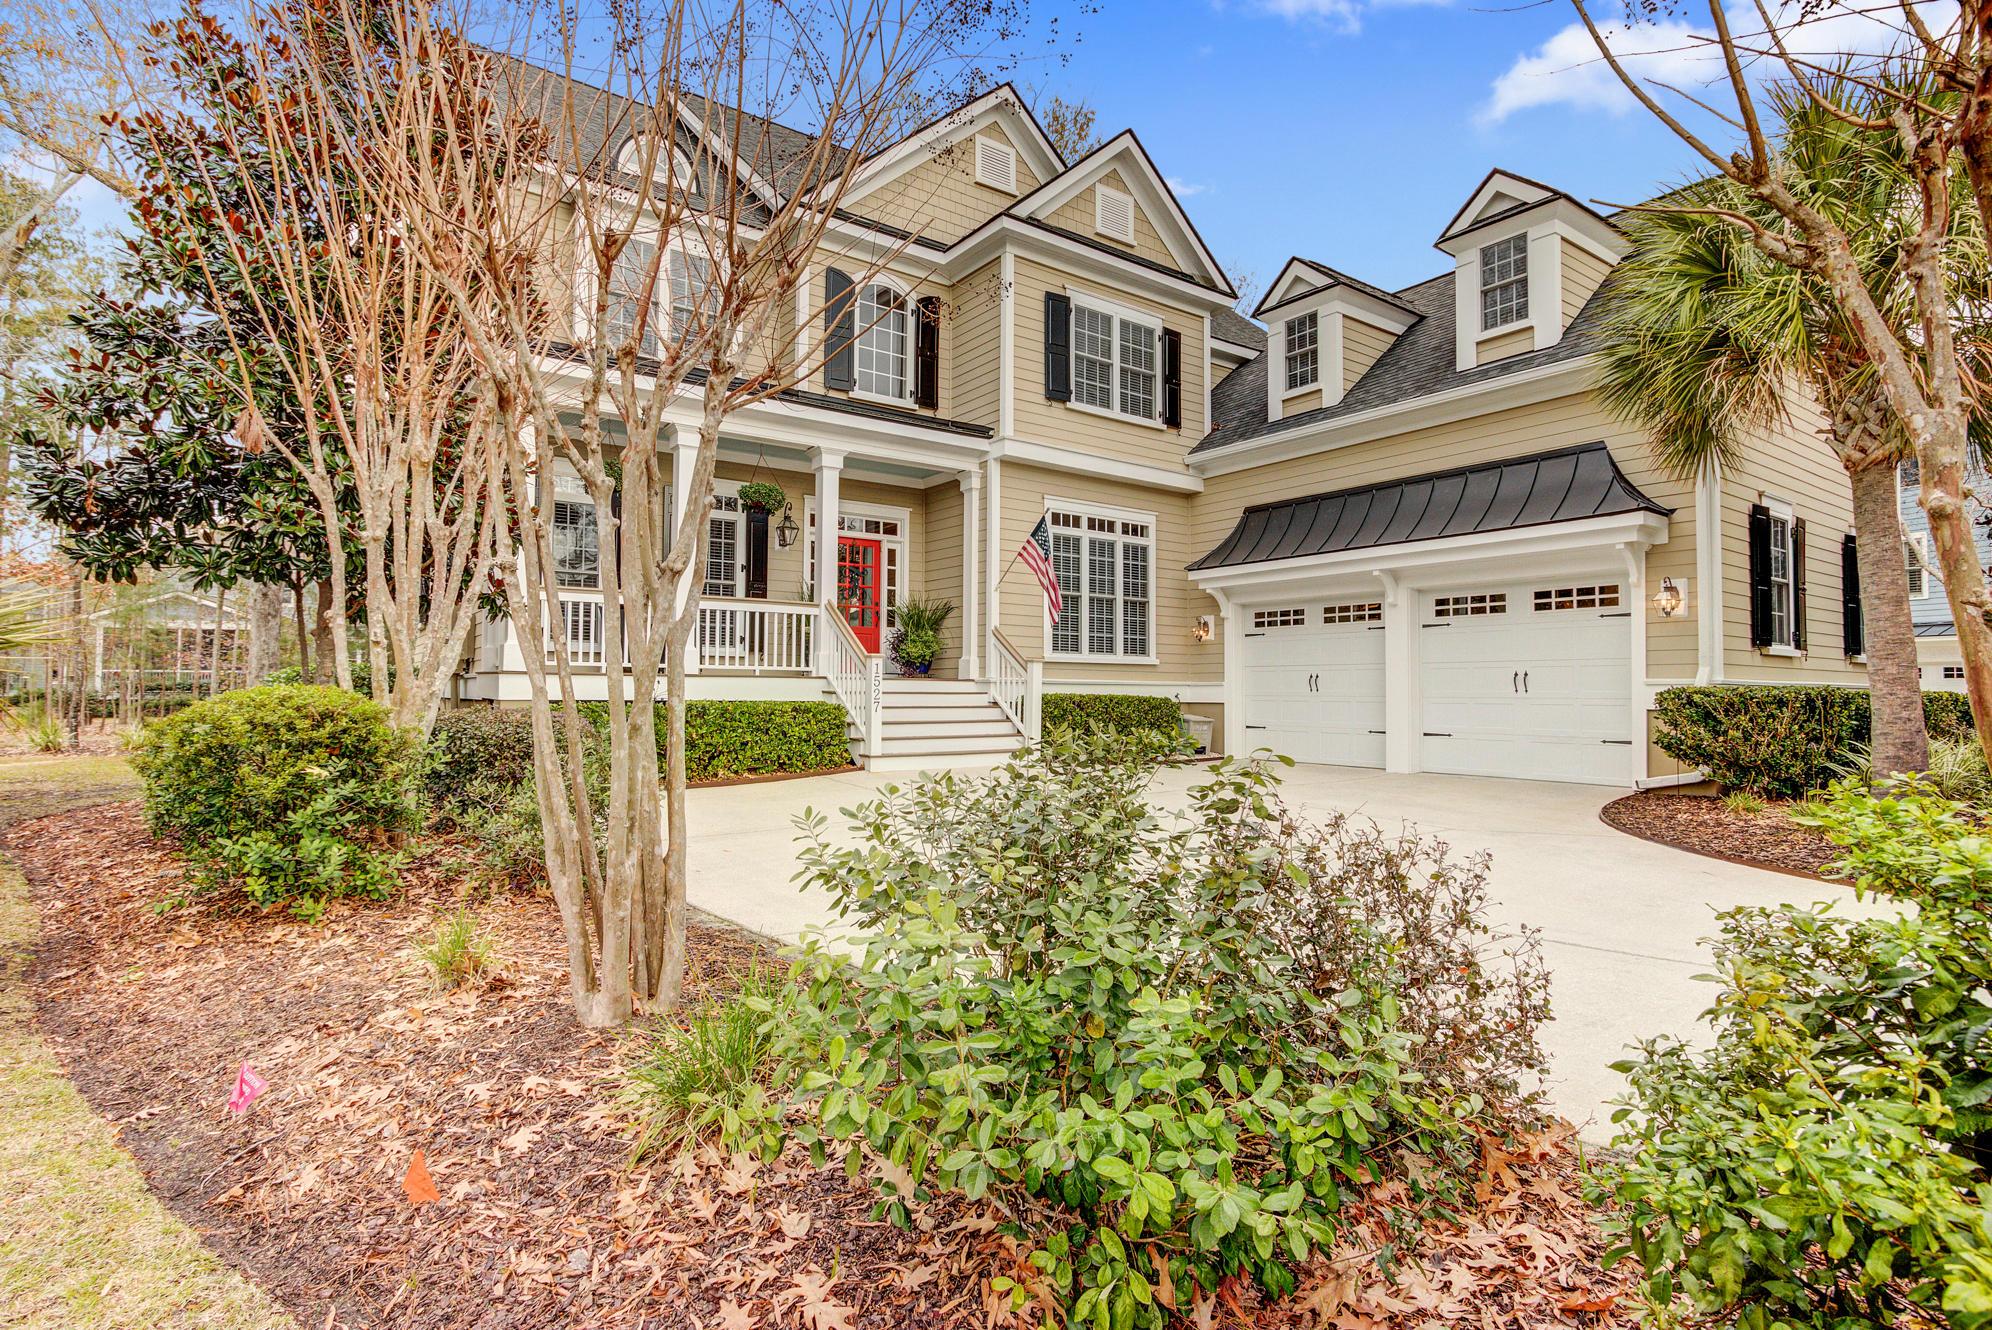 Park West Homes For Sale - 1527 Capel, Mount Pleasant, SC - 16